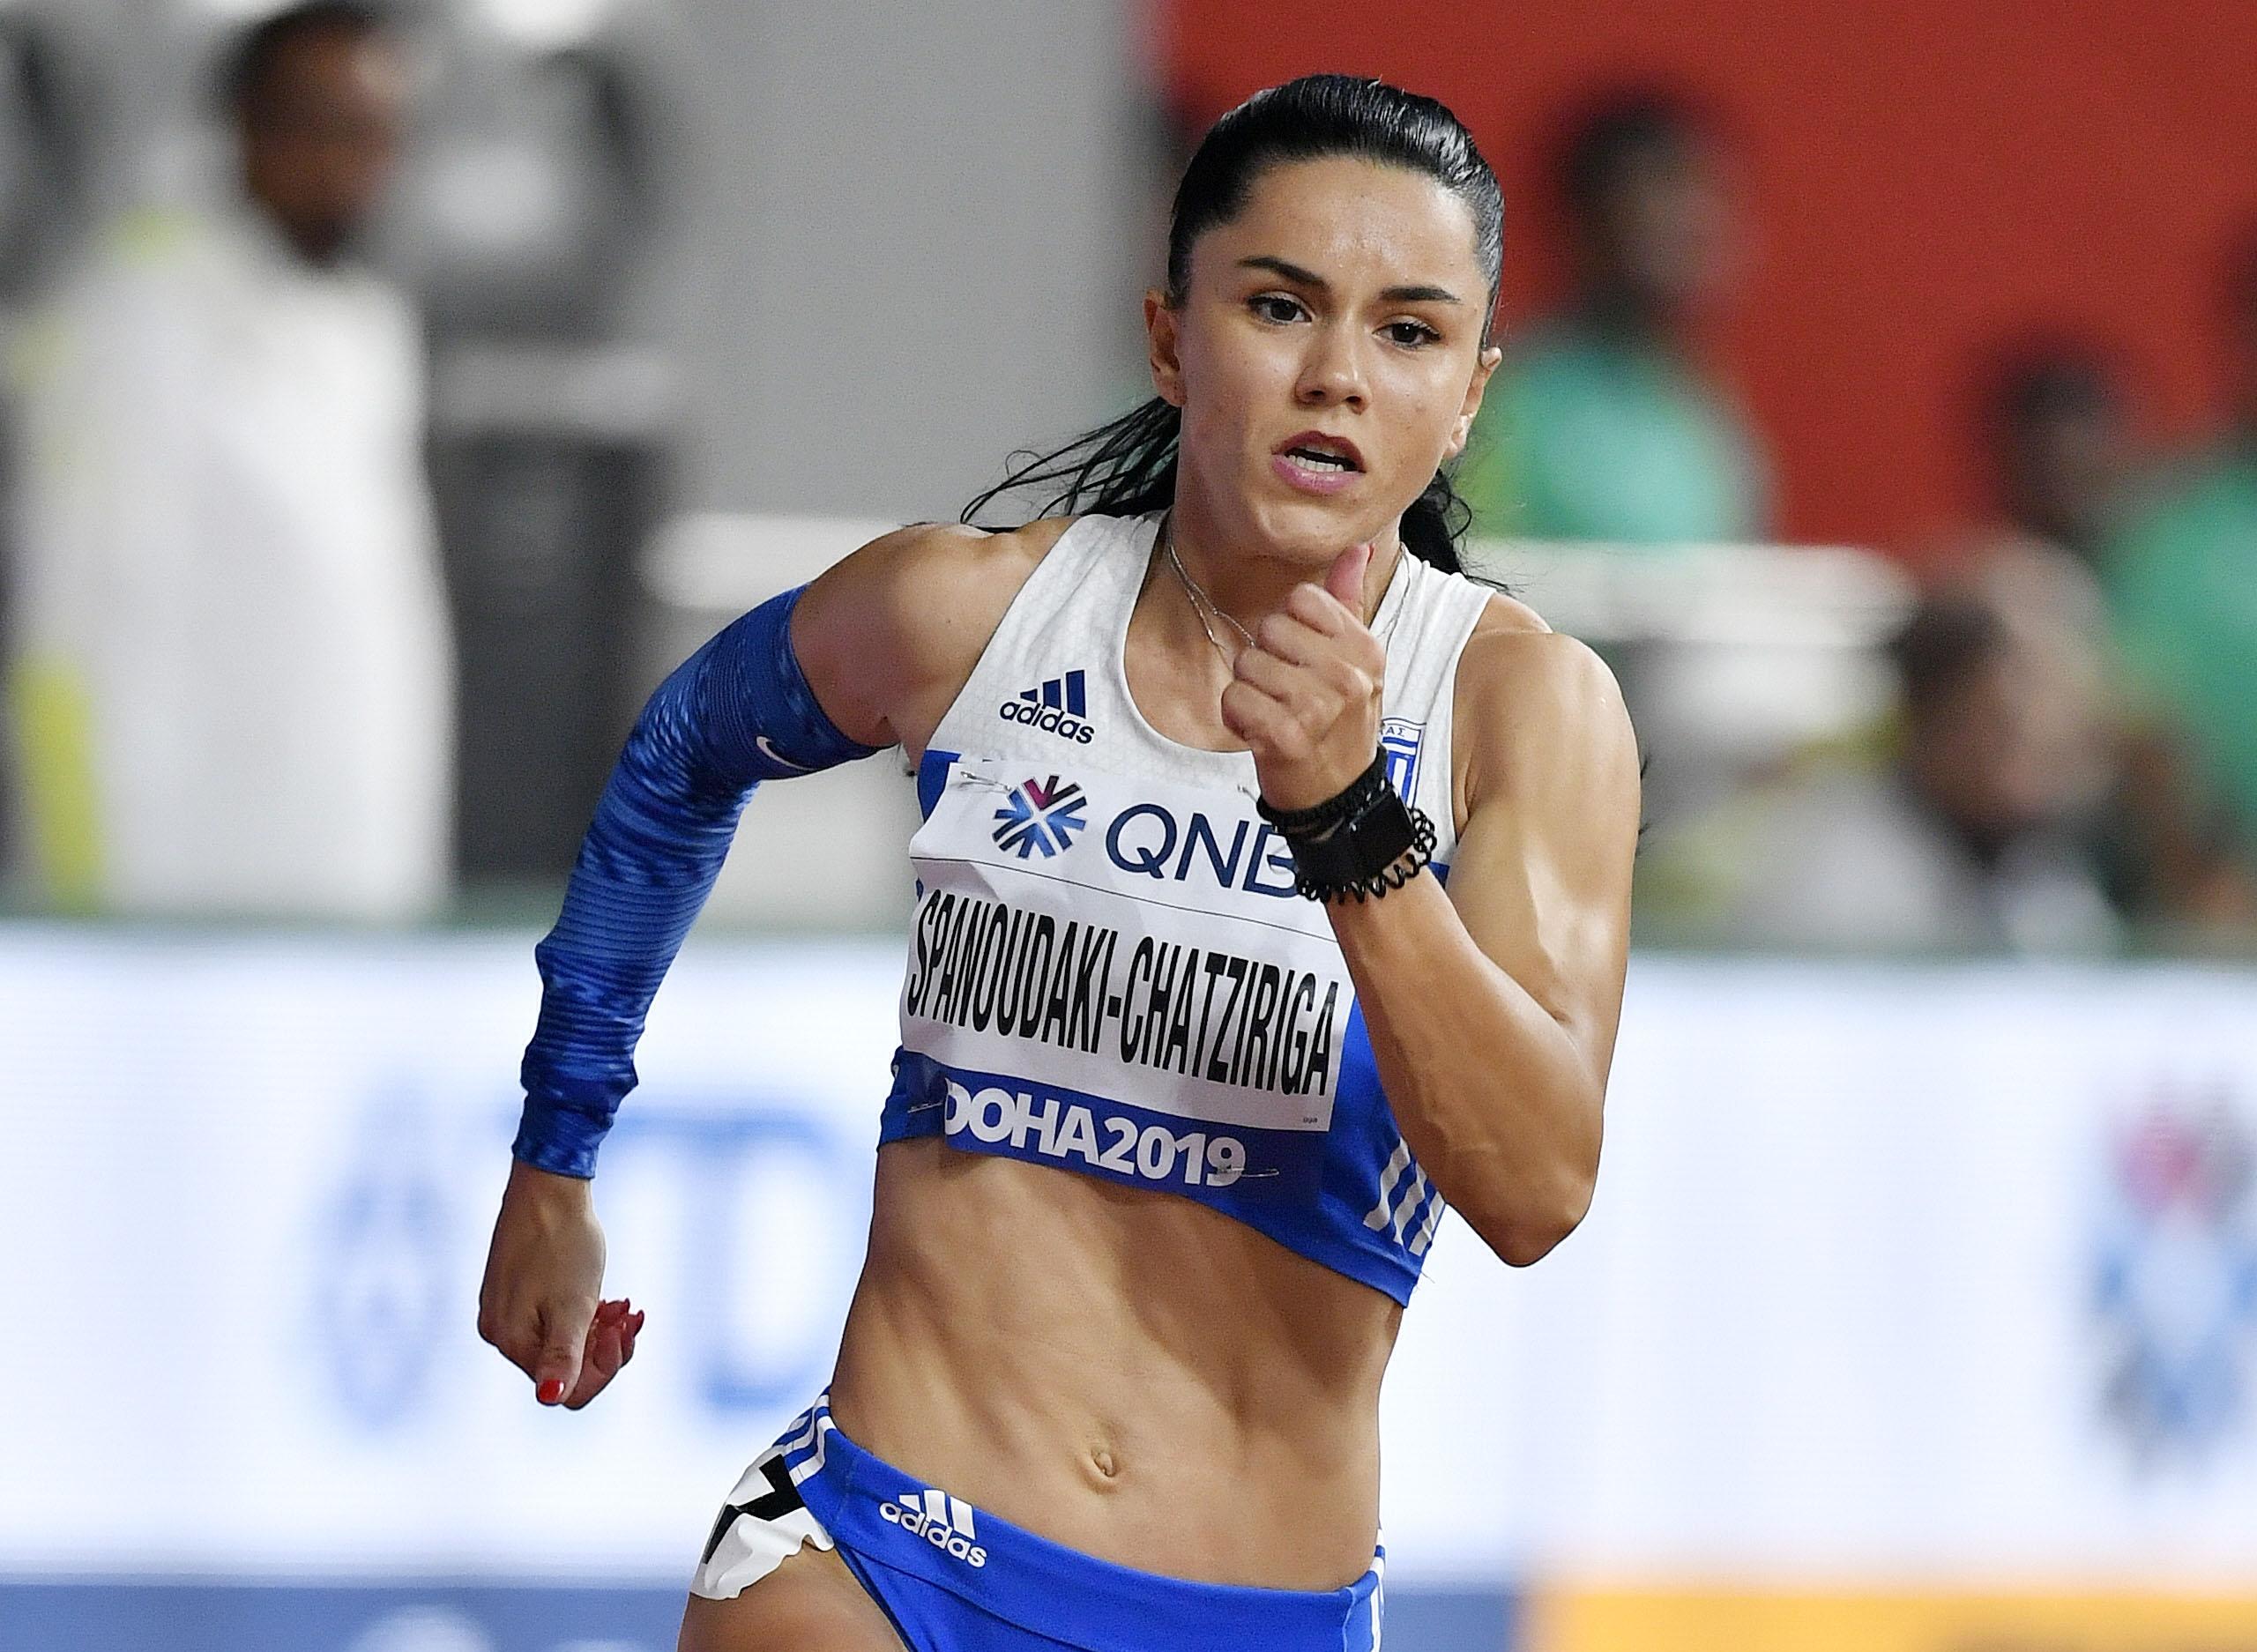 Ολυμπιακοί Αγώνες: Αποκλείστηκε στα 100 μέτρα η Σπανουδάκη